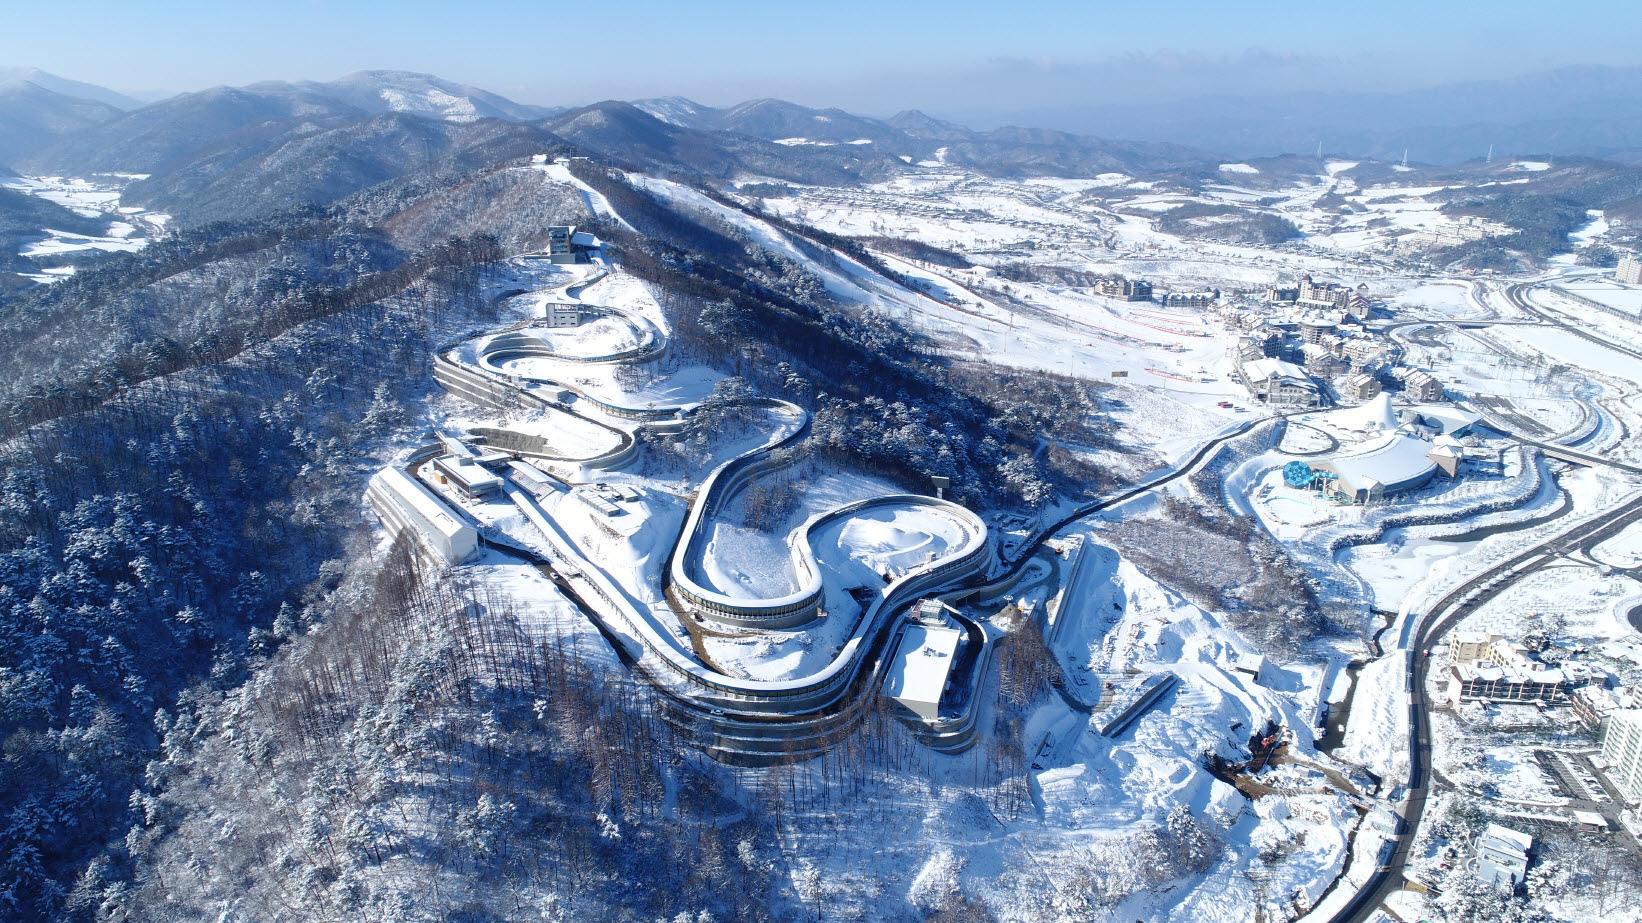 〔안정원의 디자인 칼럼〕 전 세계인의 하나된 열정이 펼쳐질 2018 평창 동계올림픽 대회2